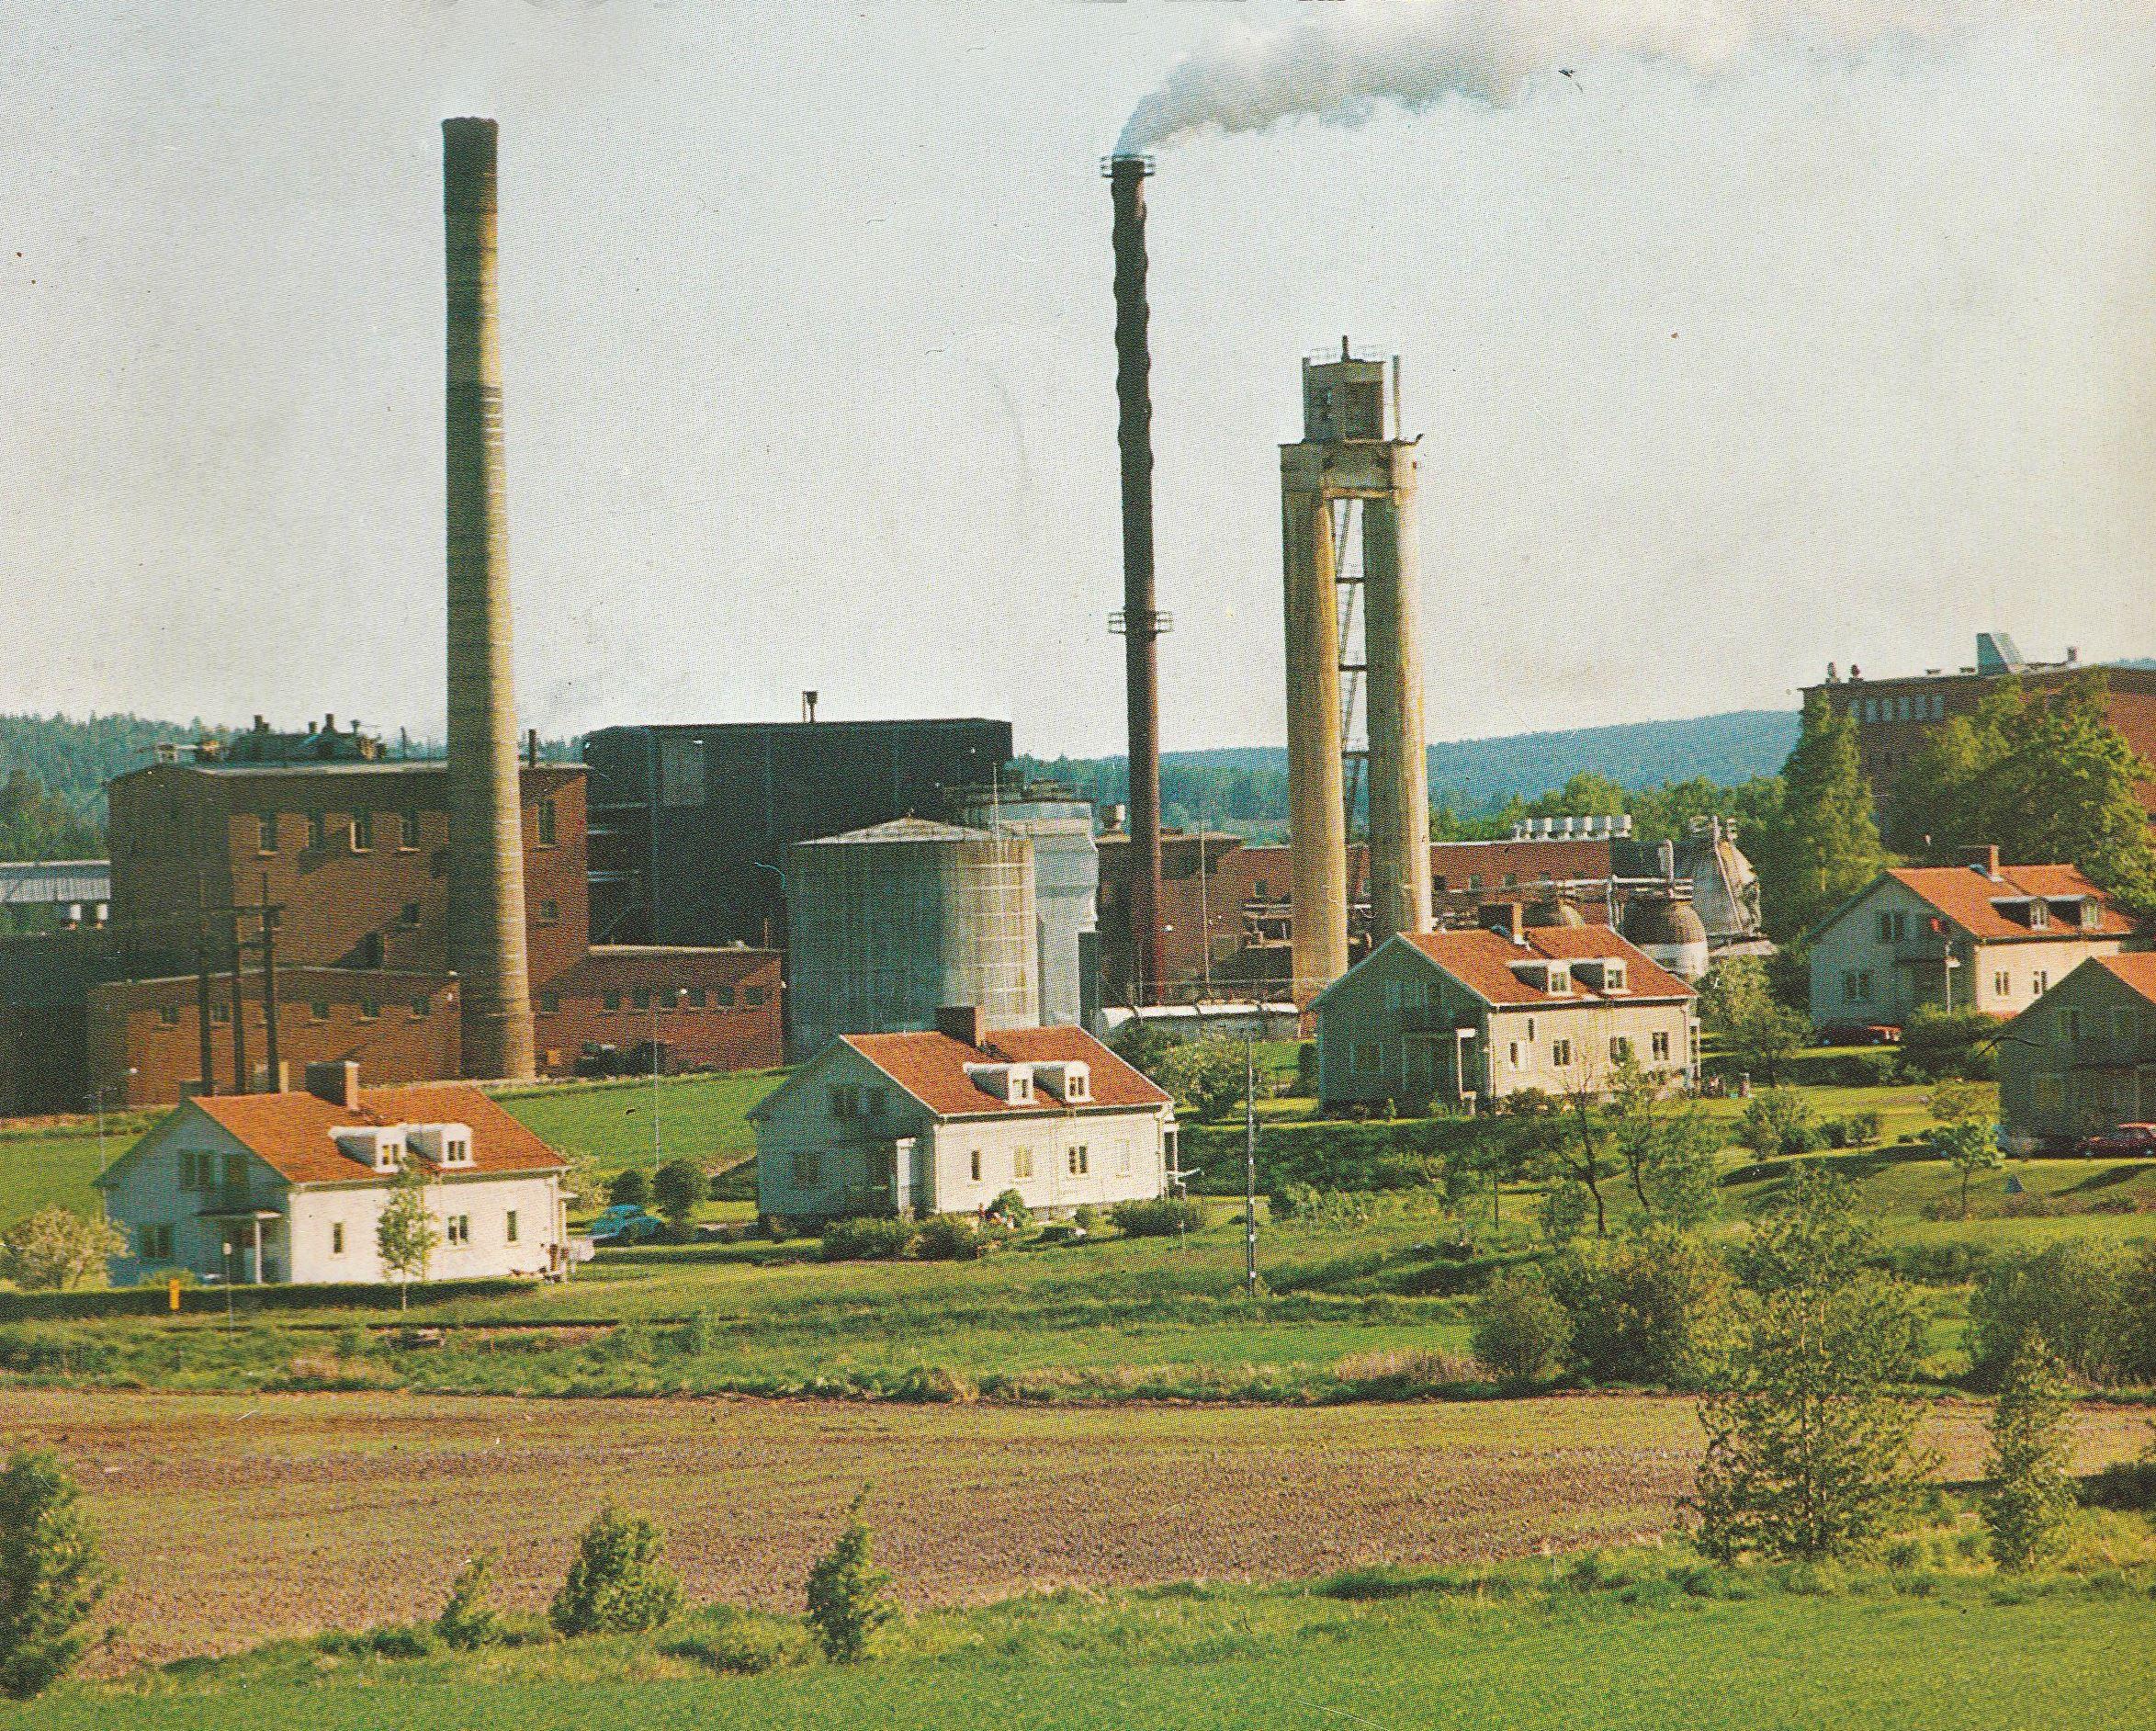 Minnen, föredrag och bildspel från Vannsättersfabriken och film om Kraftverksbygget i Bergvik